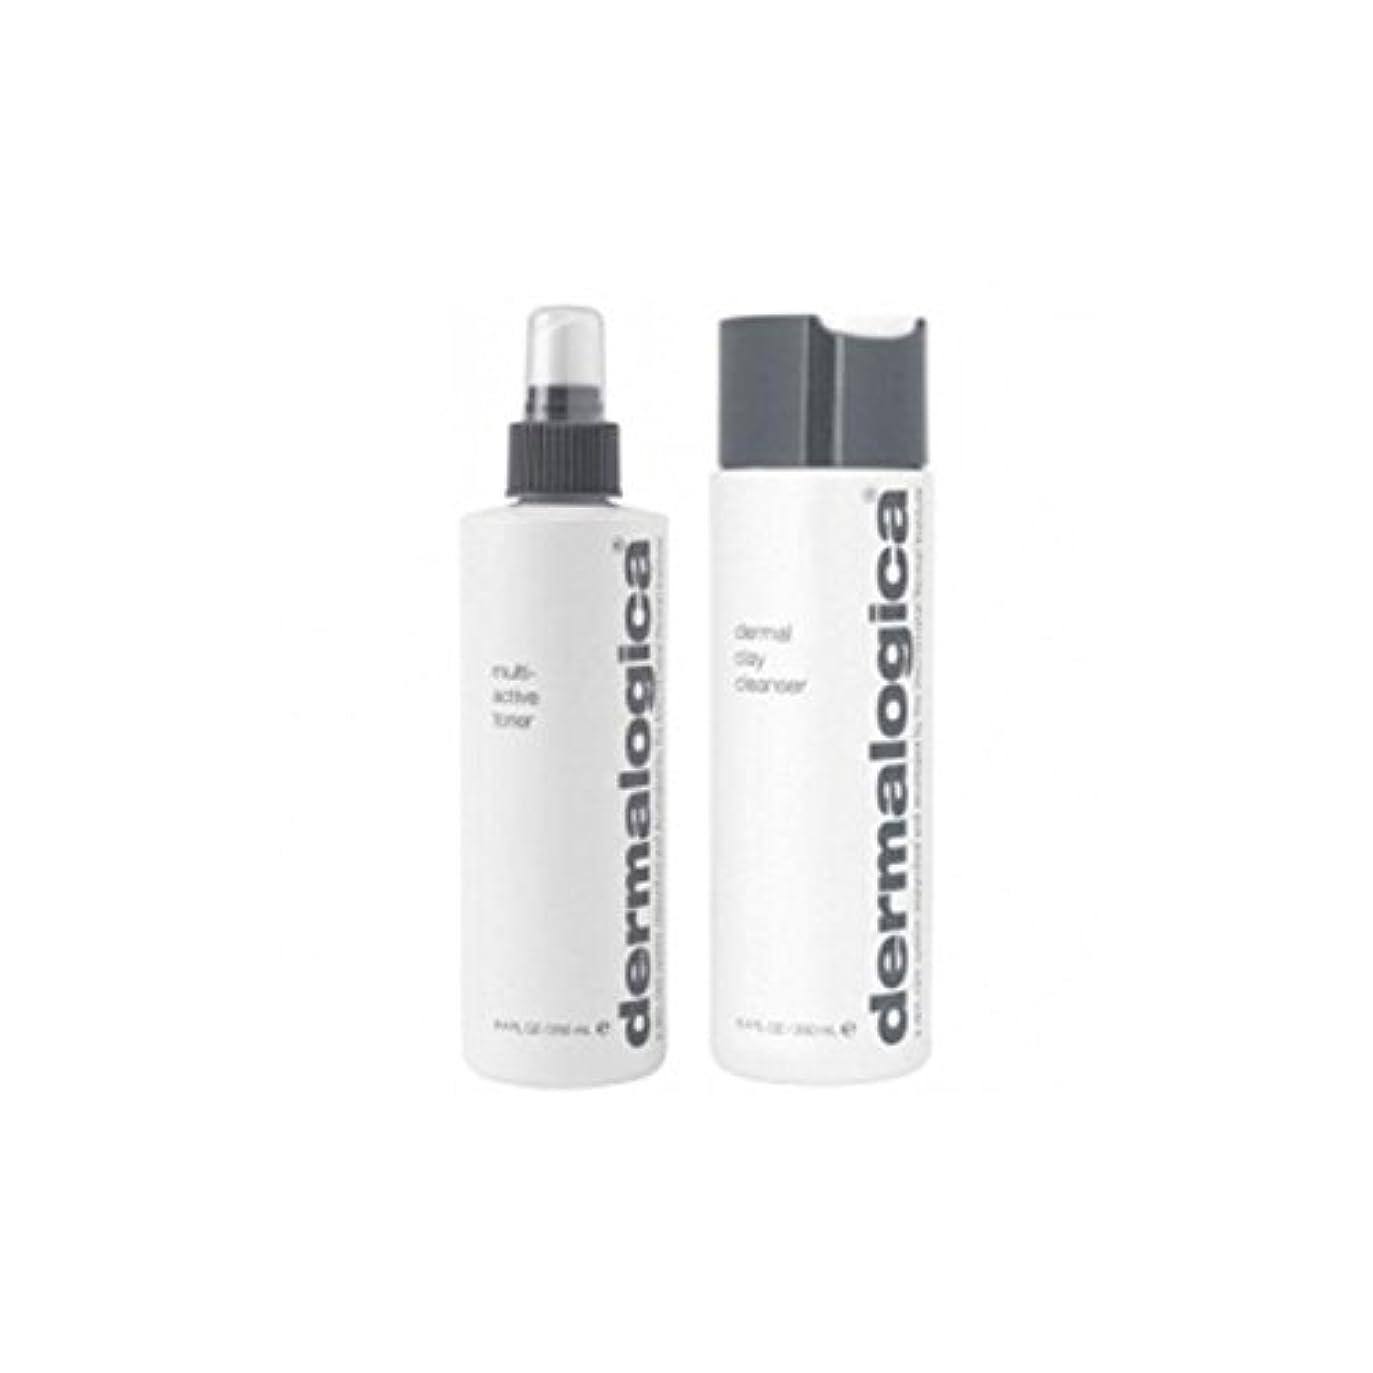 実際に無効仕事に行くDermalogica Cleanse & Tone Duo - Oily Skin (2 Products) - ダーマロジカクレンジング&トーンデュオ - 脂性肌(2製品) [並行輸入品]